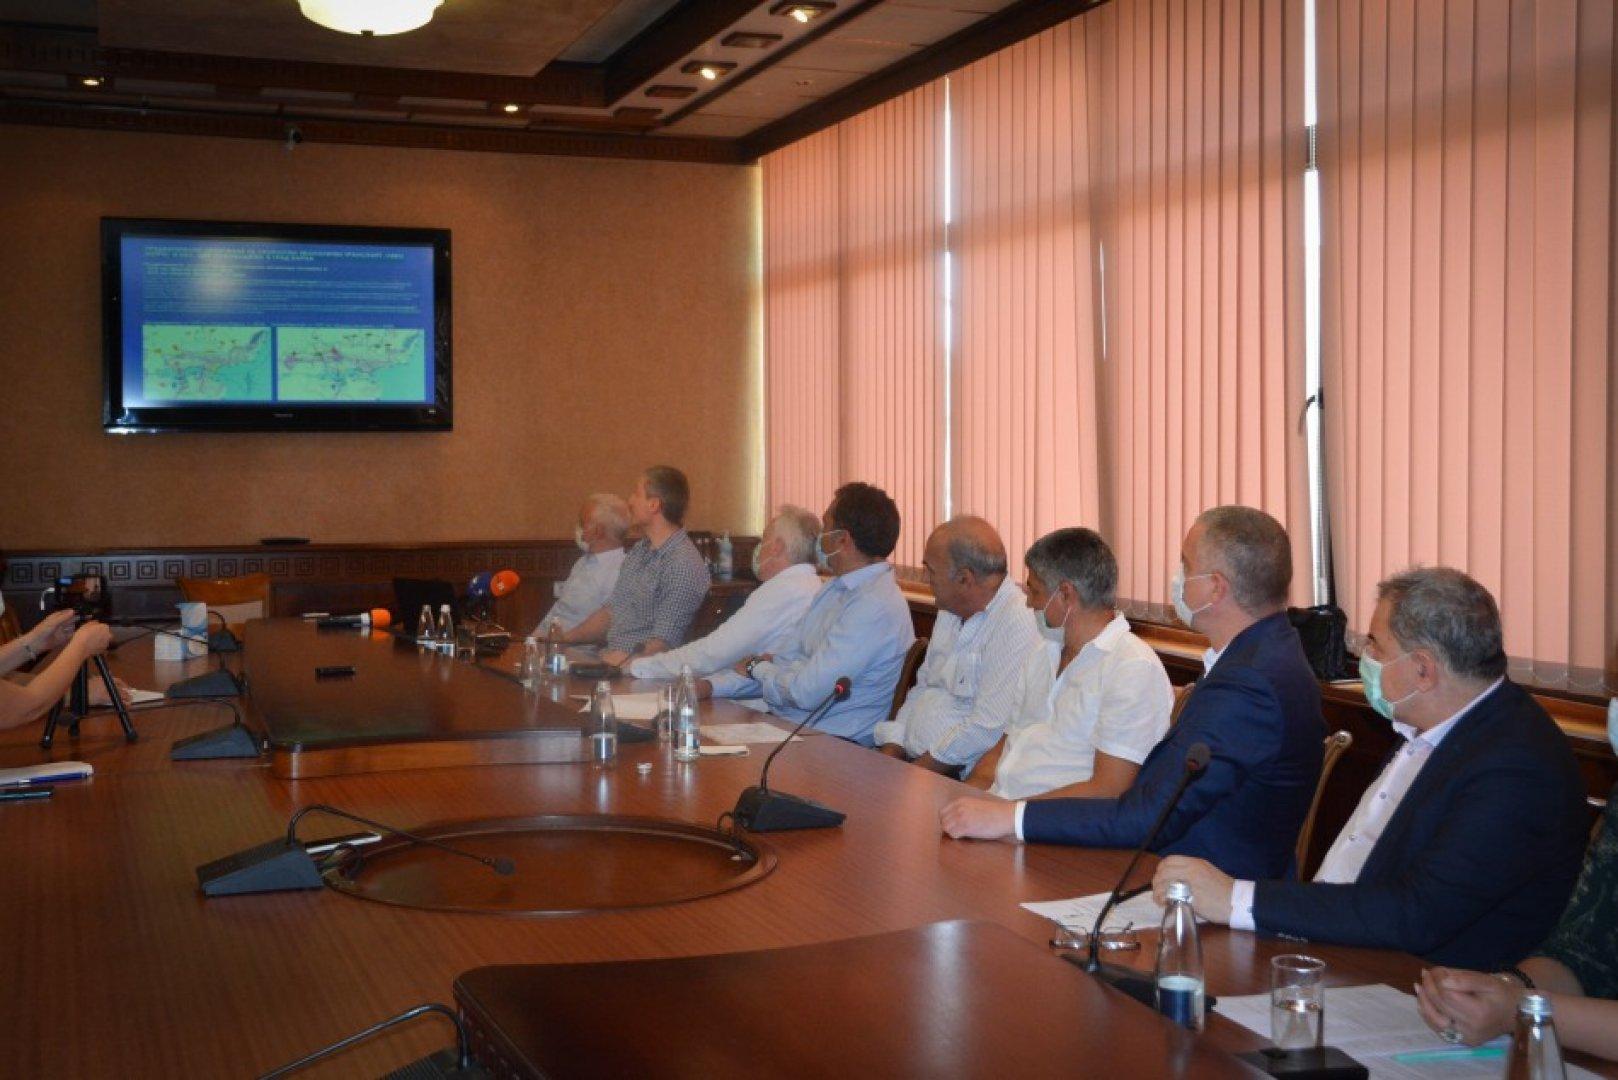 Проучванията бяха представени в сградата на Община Варна. Снимки Община Варна